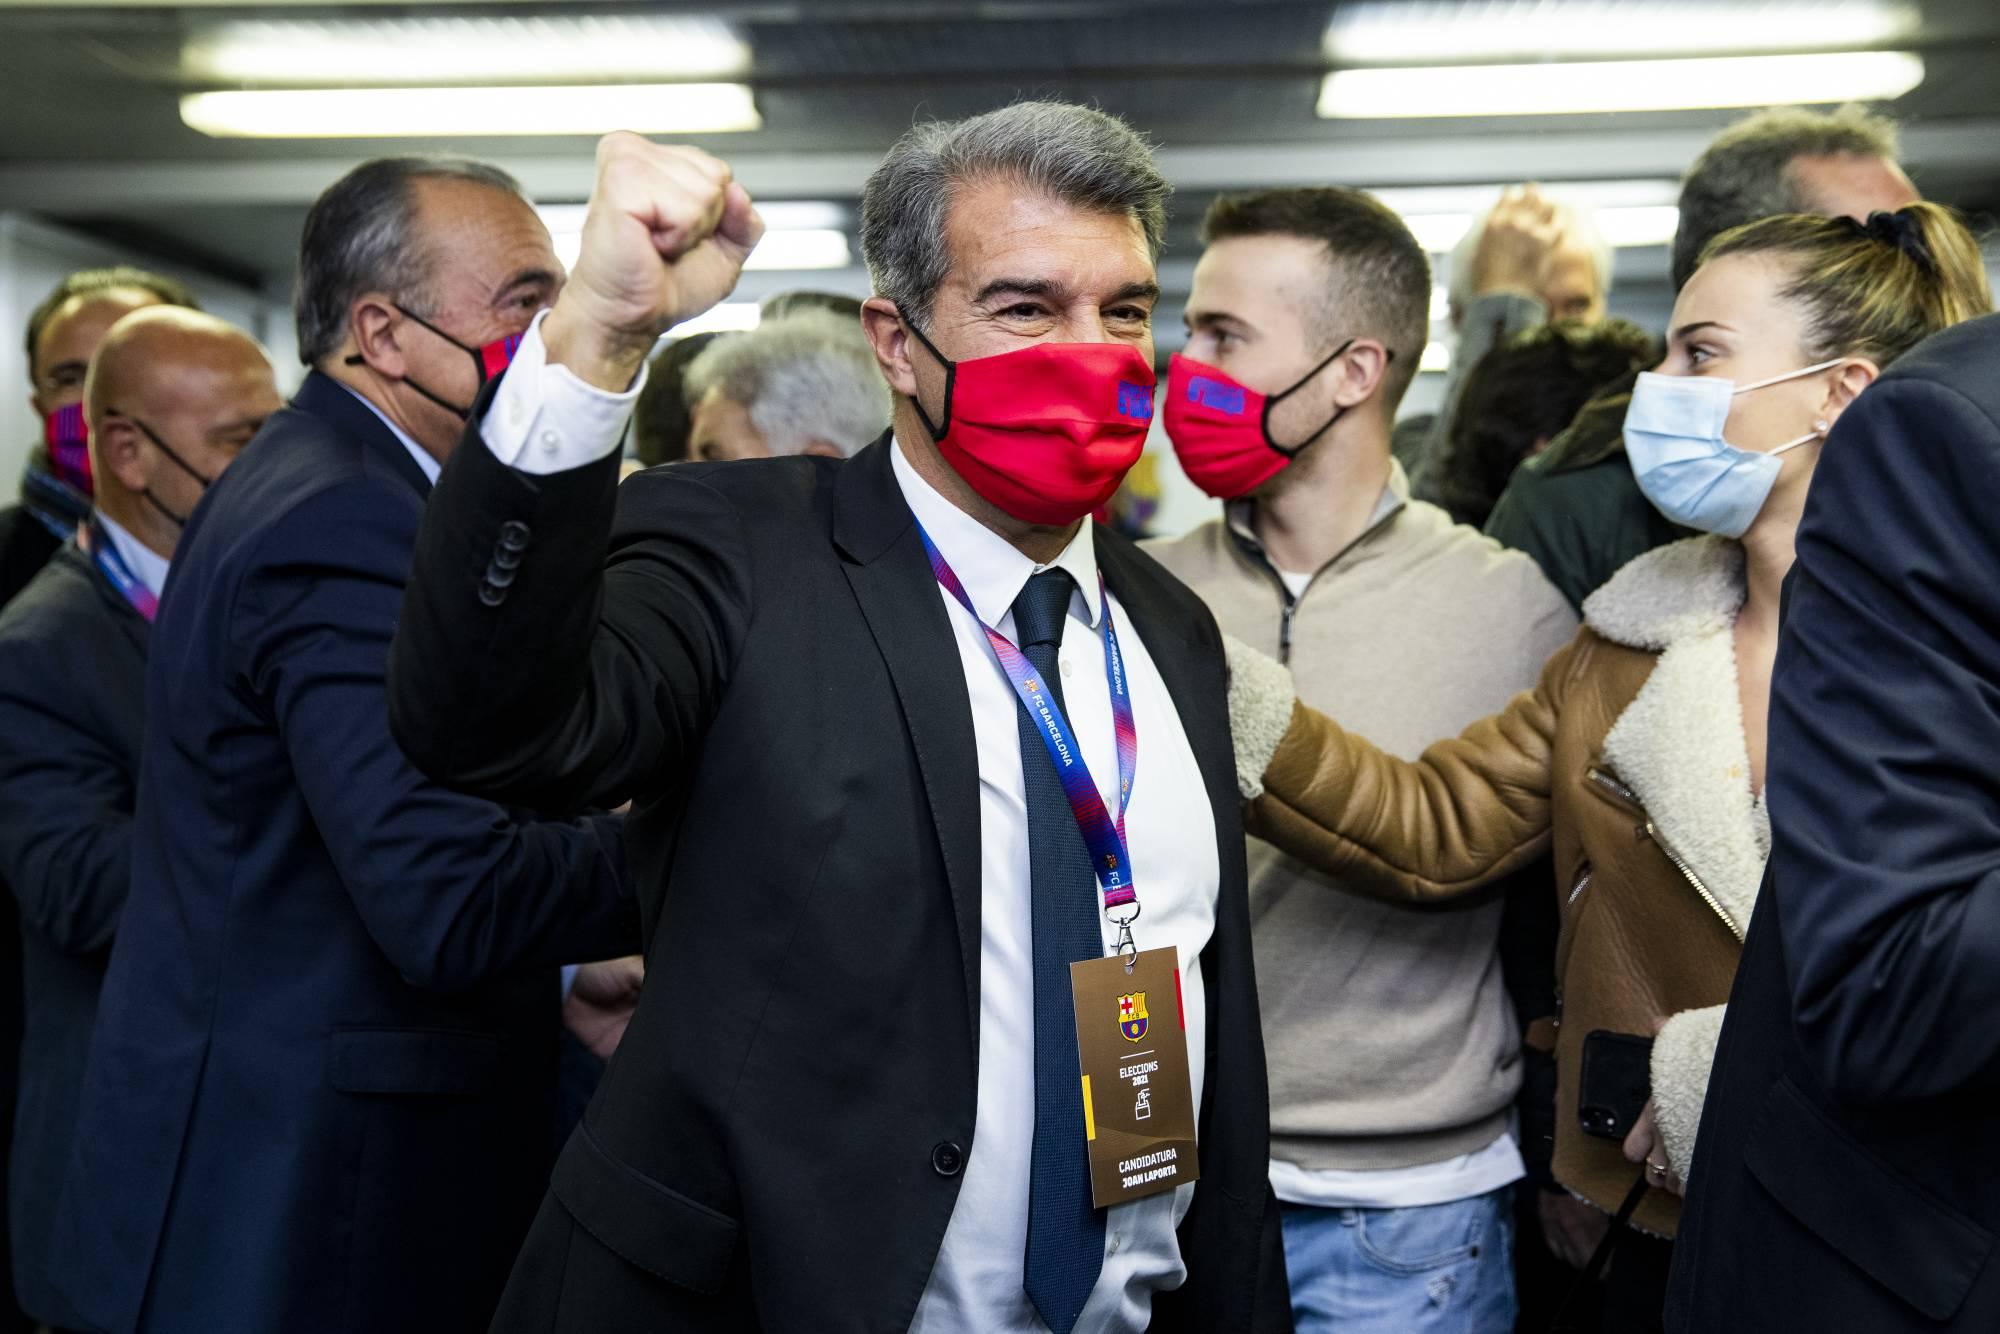 برشلونة يعلن الرئيس الجديد لإدارة فريق النادي الكتالوني